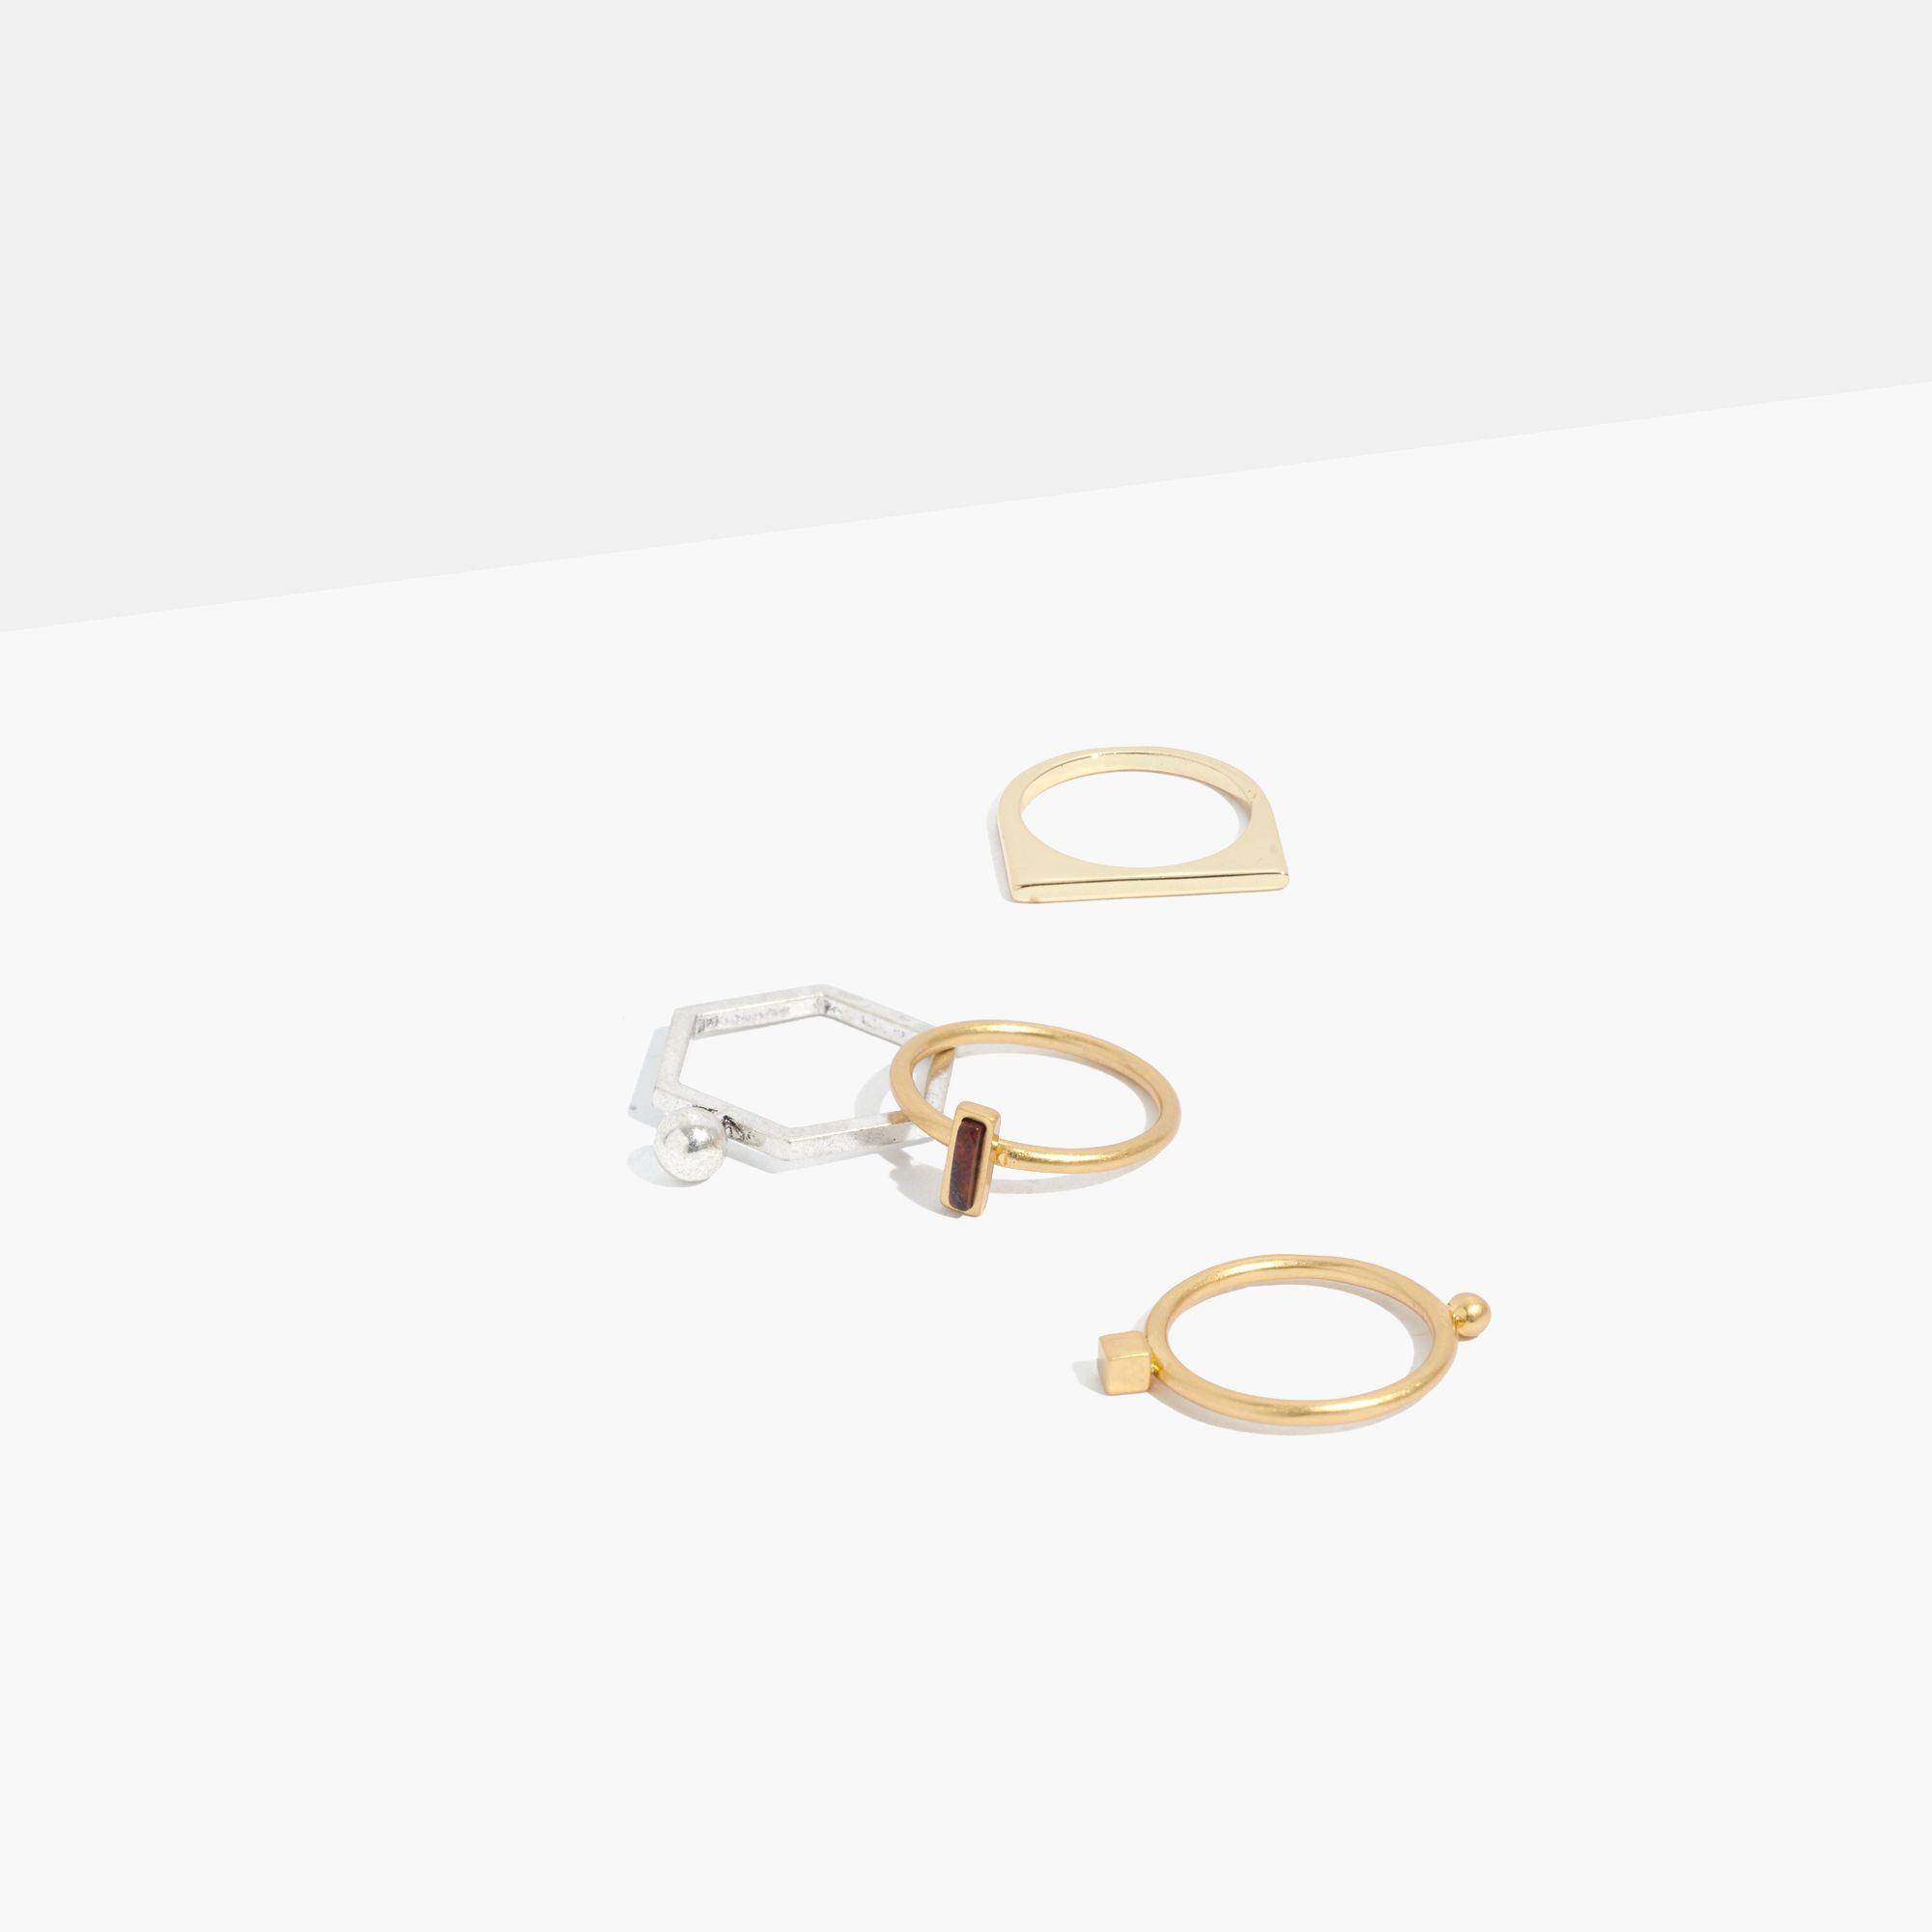 Madewell Geometric Ring Set in Metallic